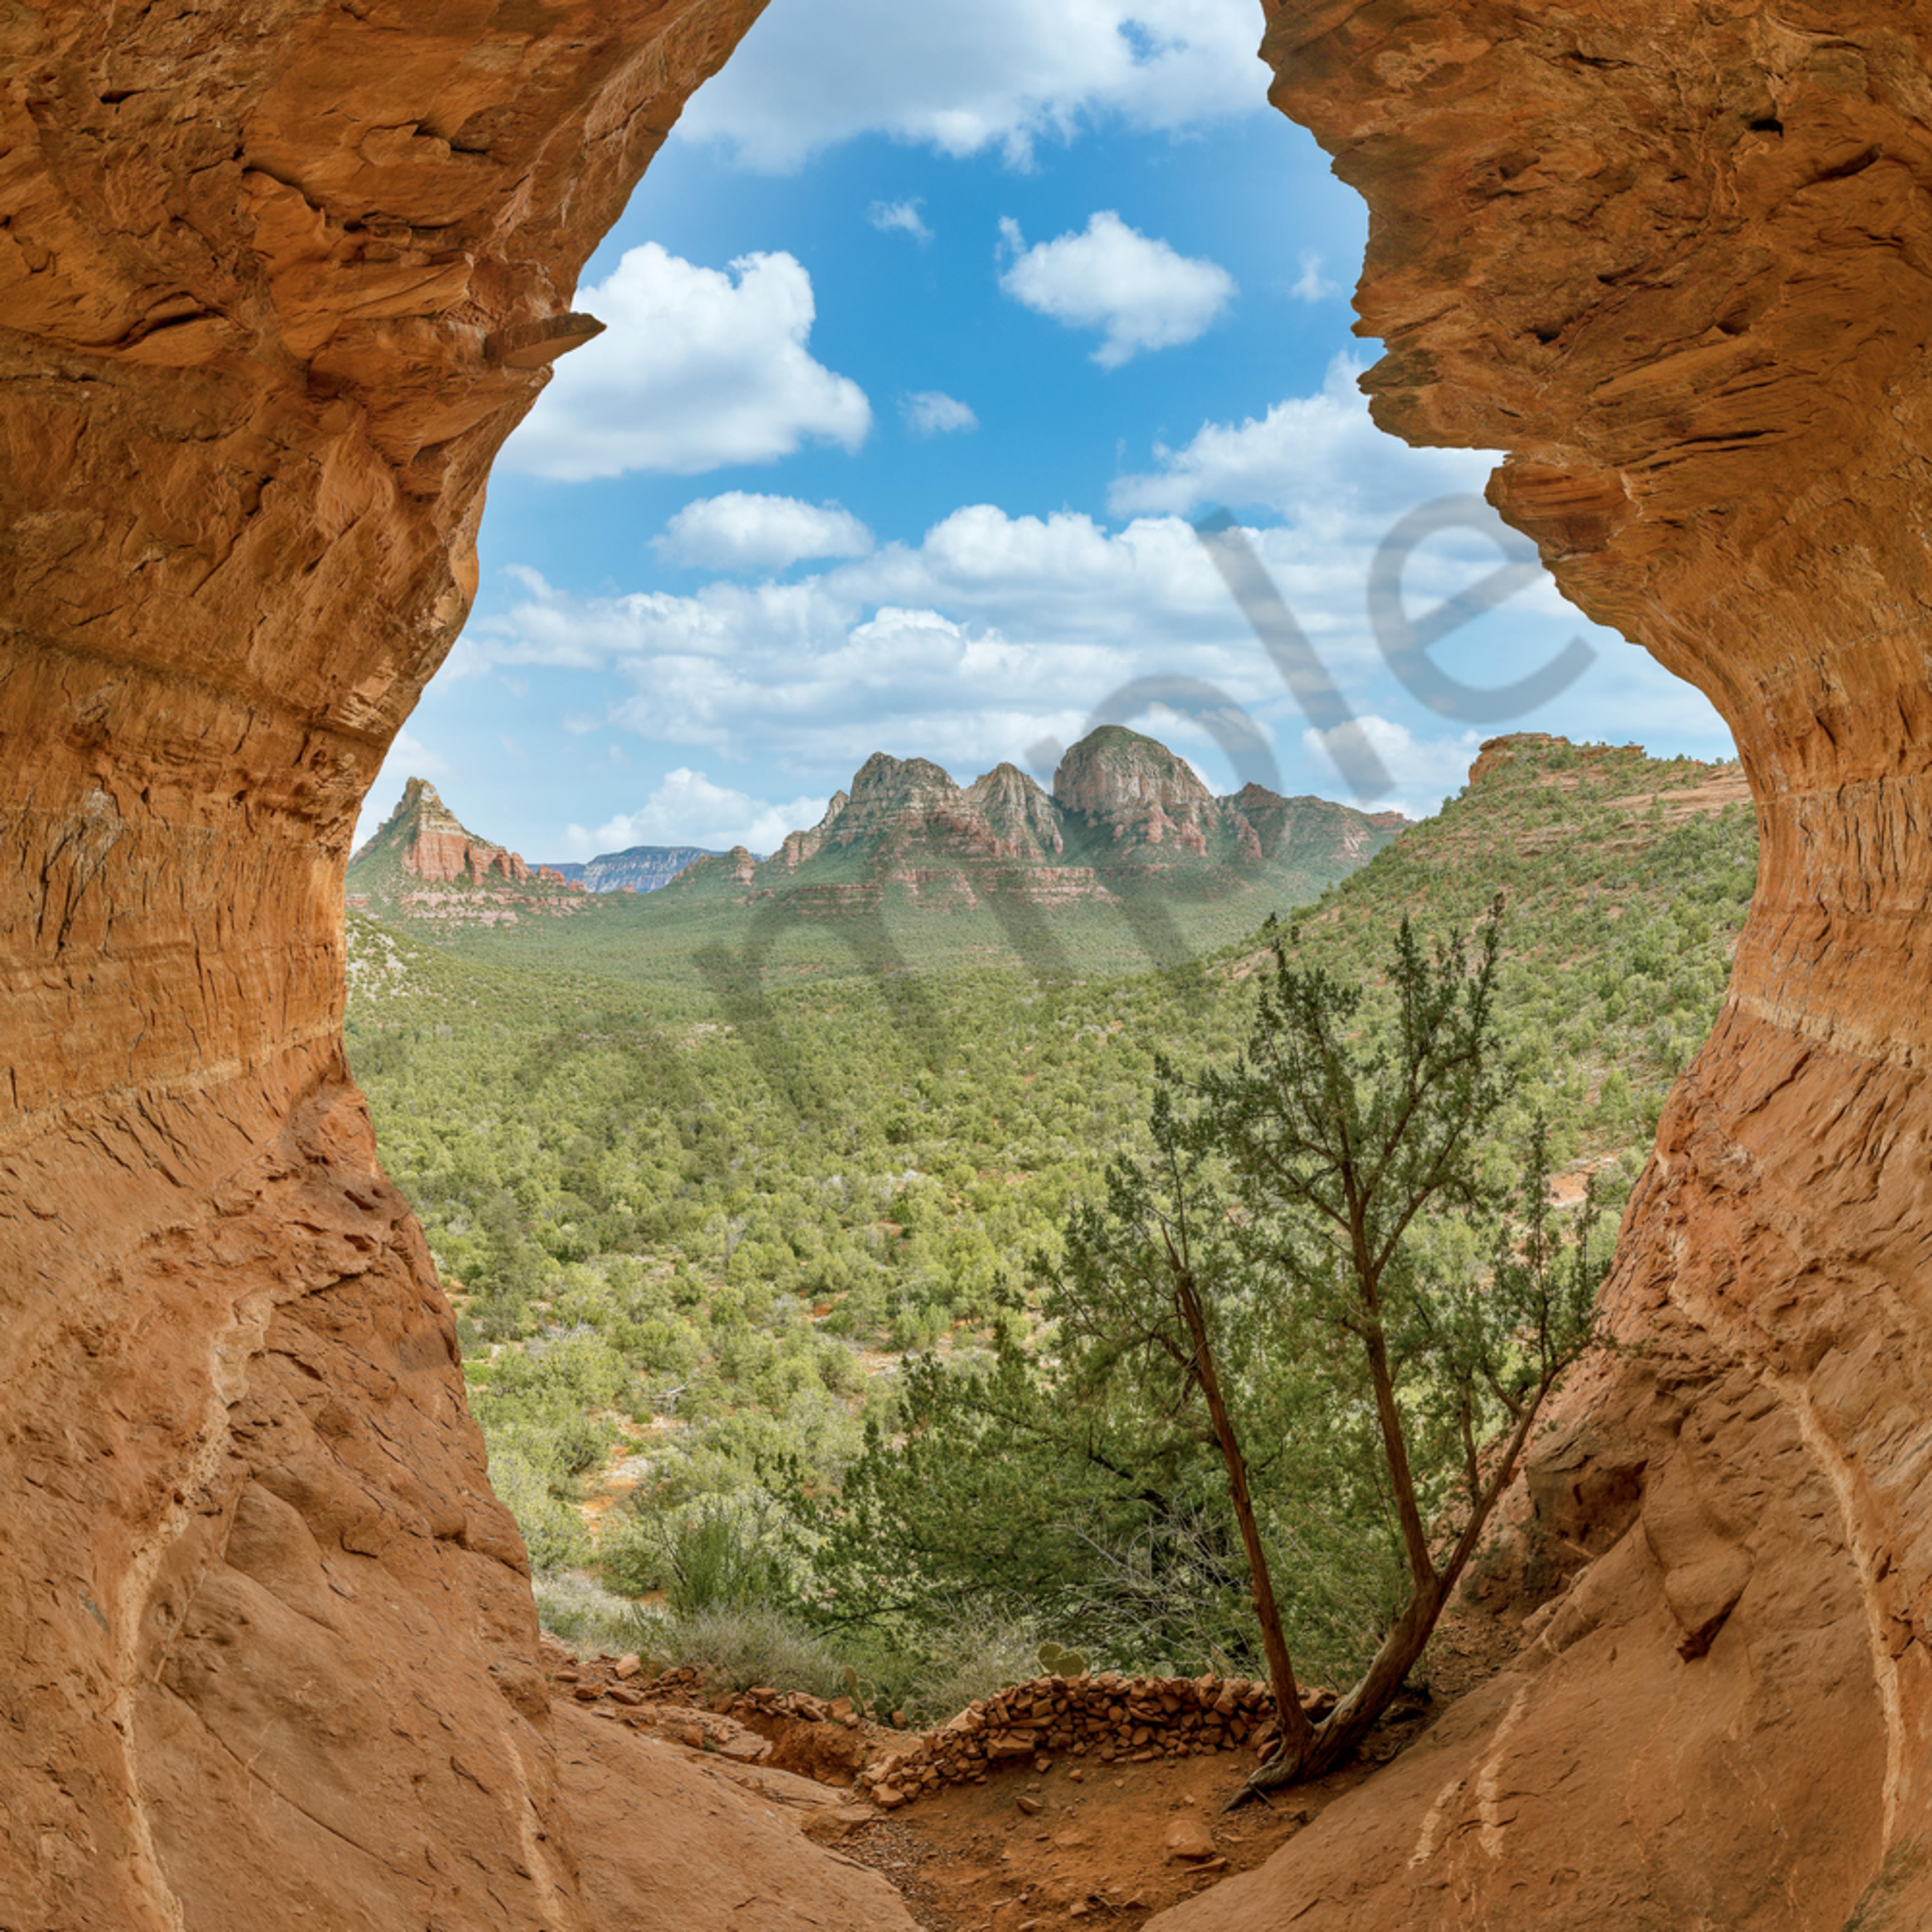 Birthing cave sedona arizona lu4guz